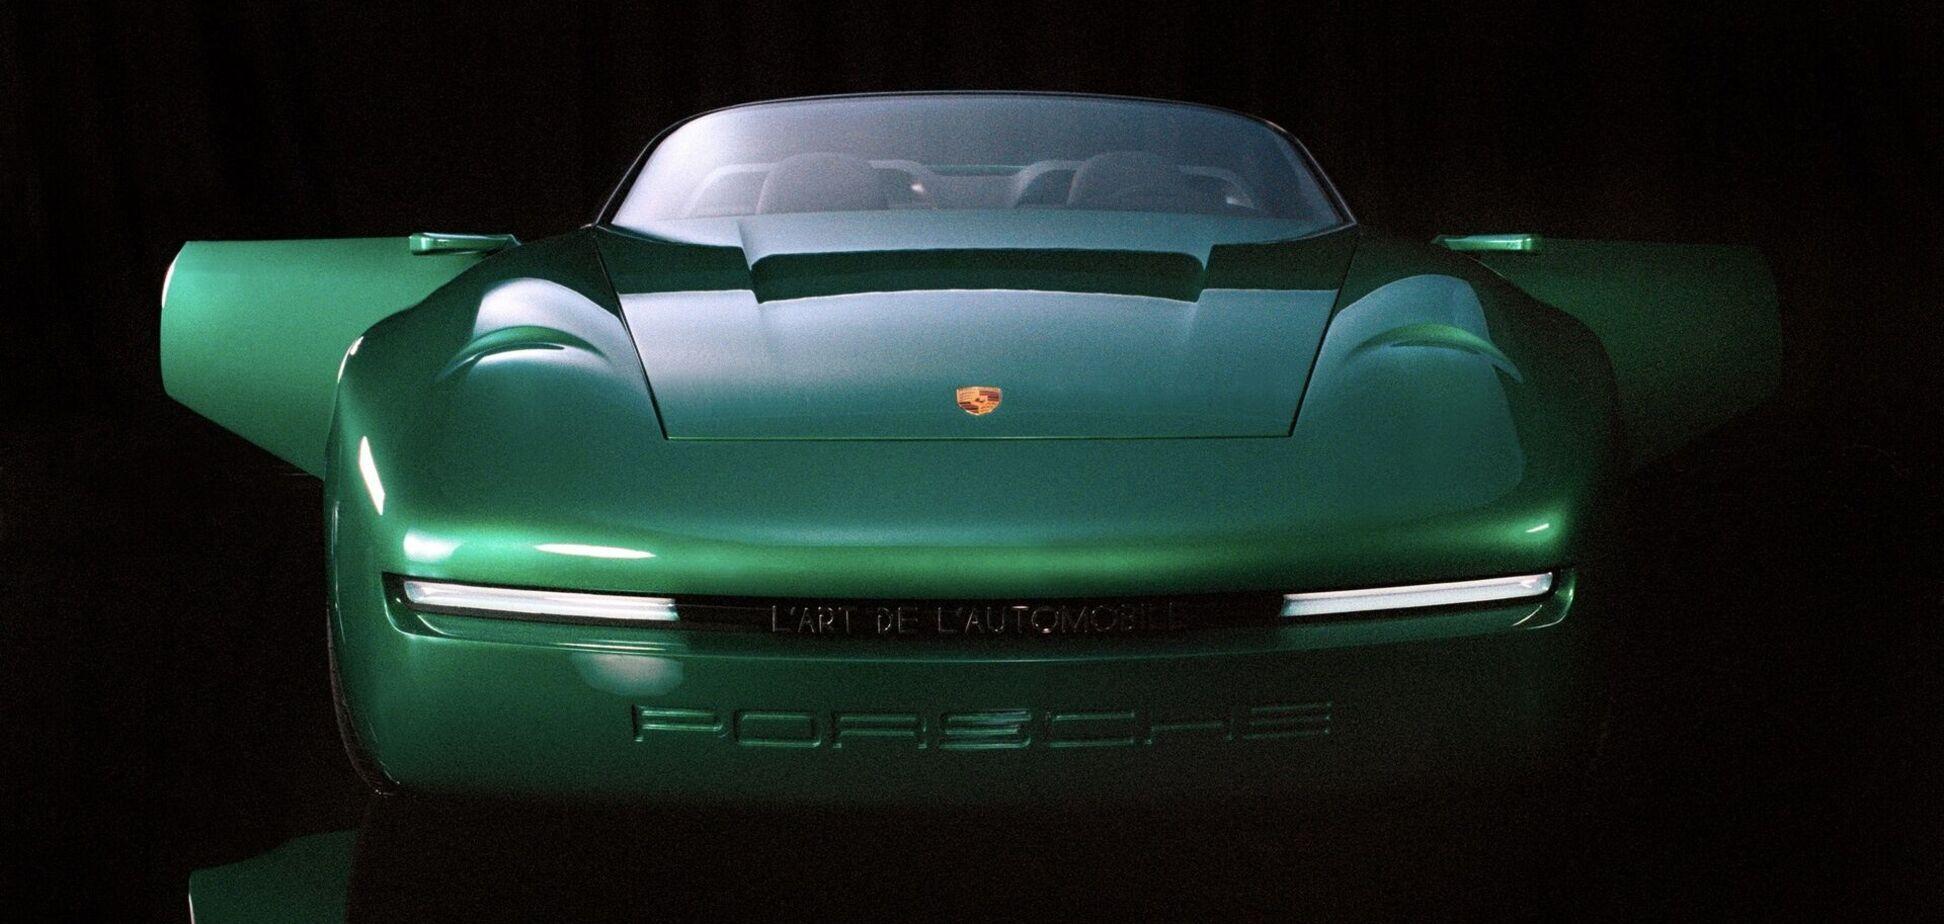 Porsche показал уникальный арт-кар в стиле ретро